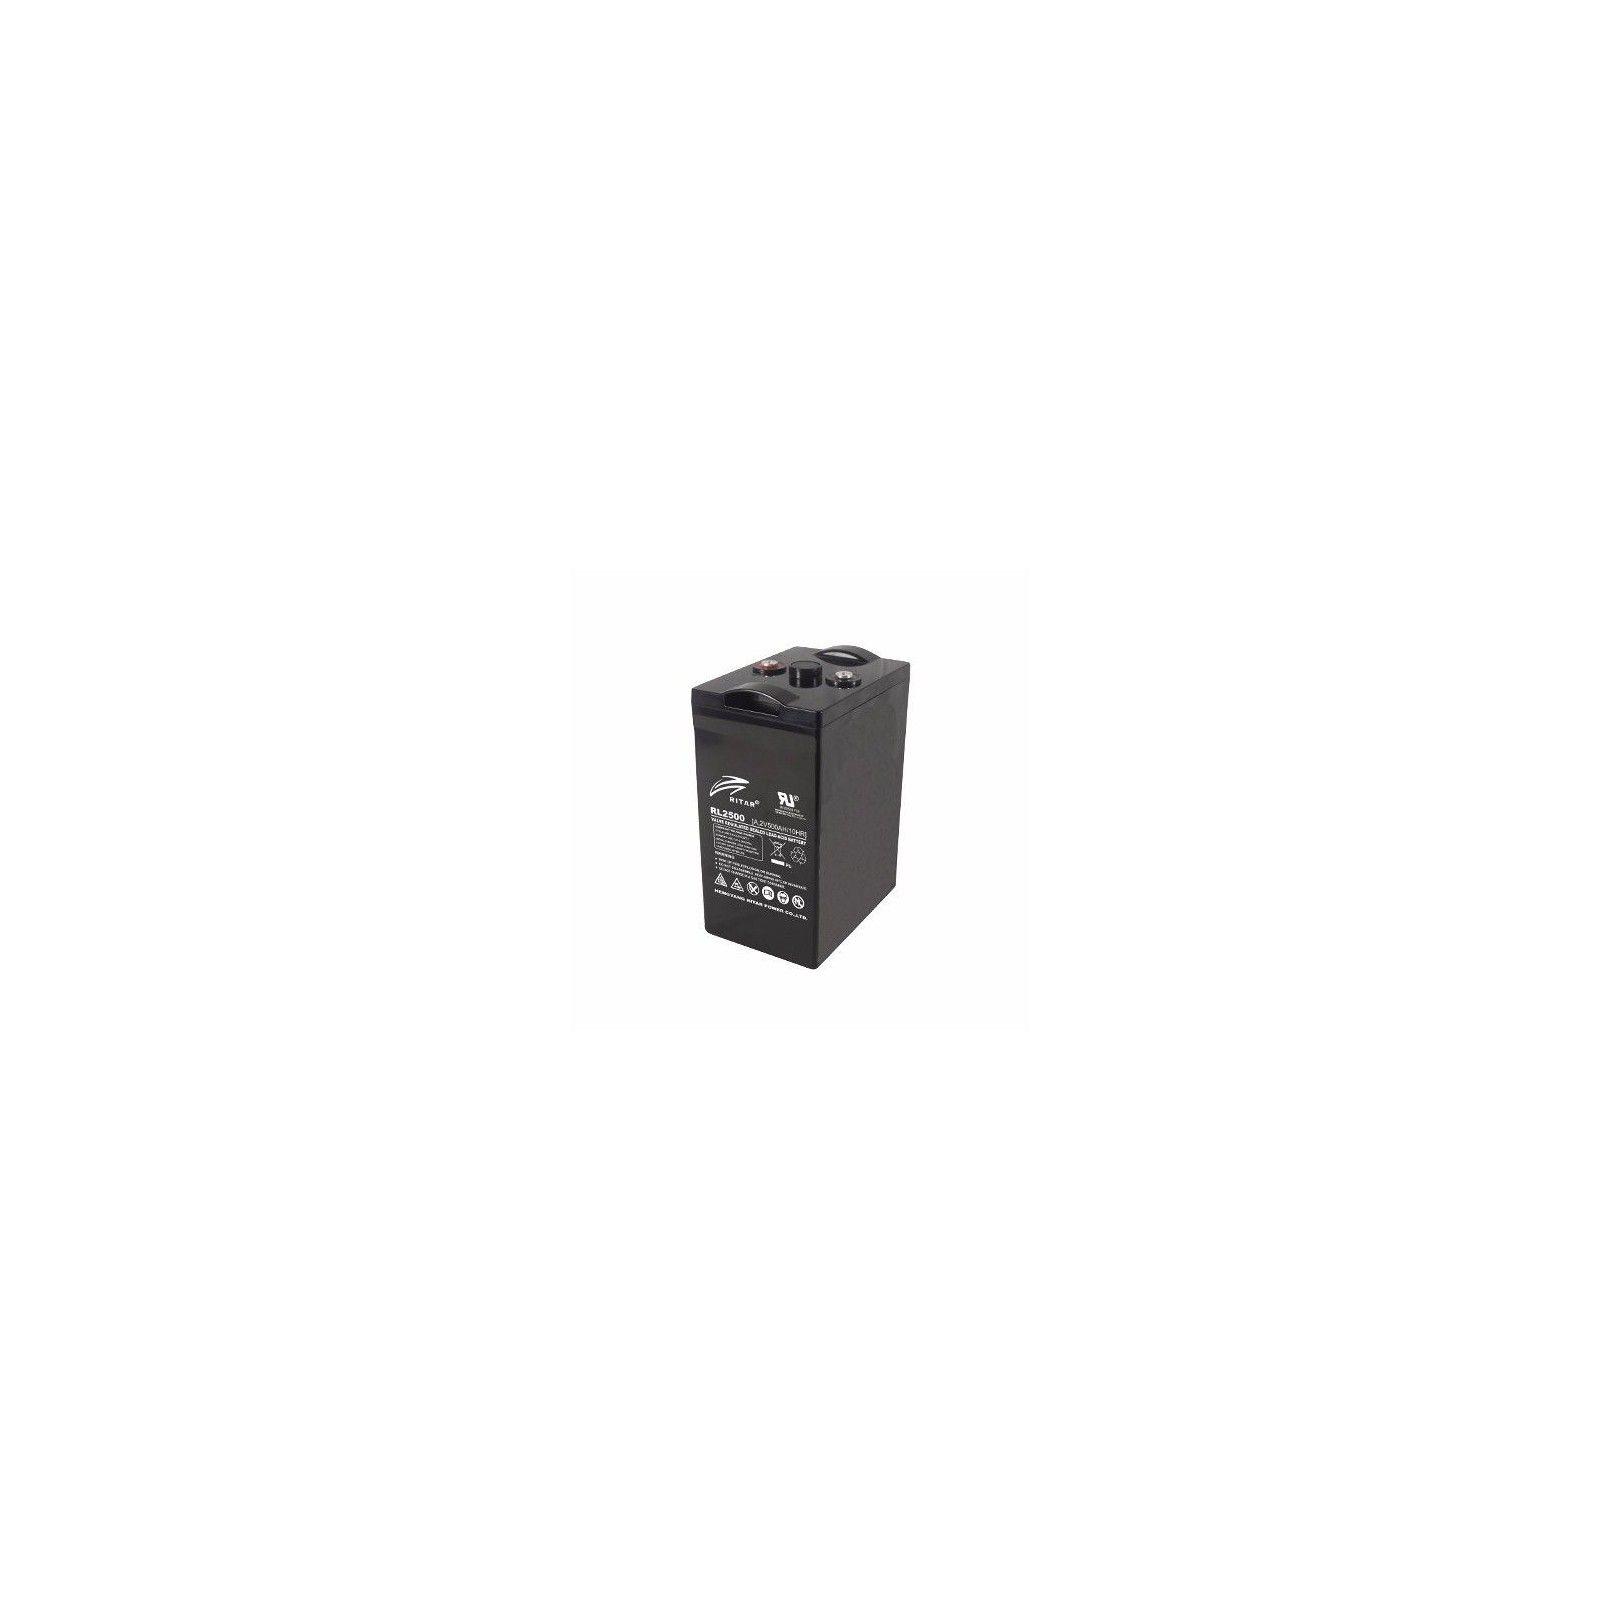 Batería Ritar RL2200S 200Ah 2V Rl RITAR - 1